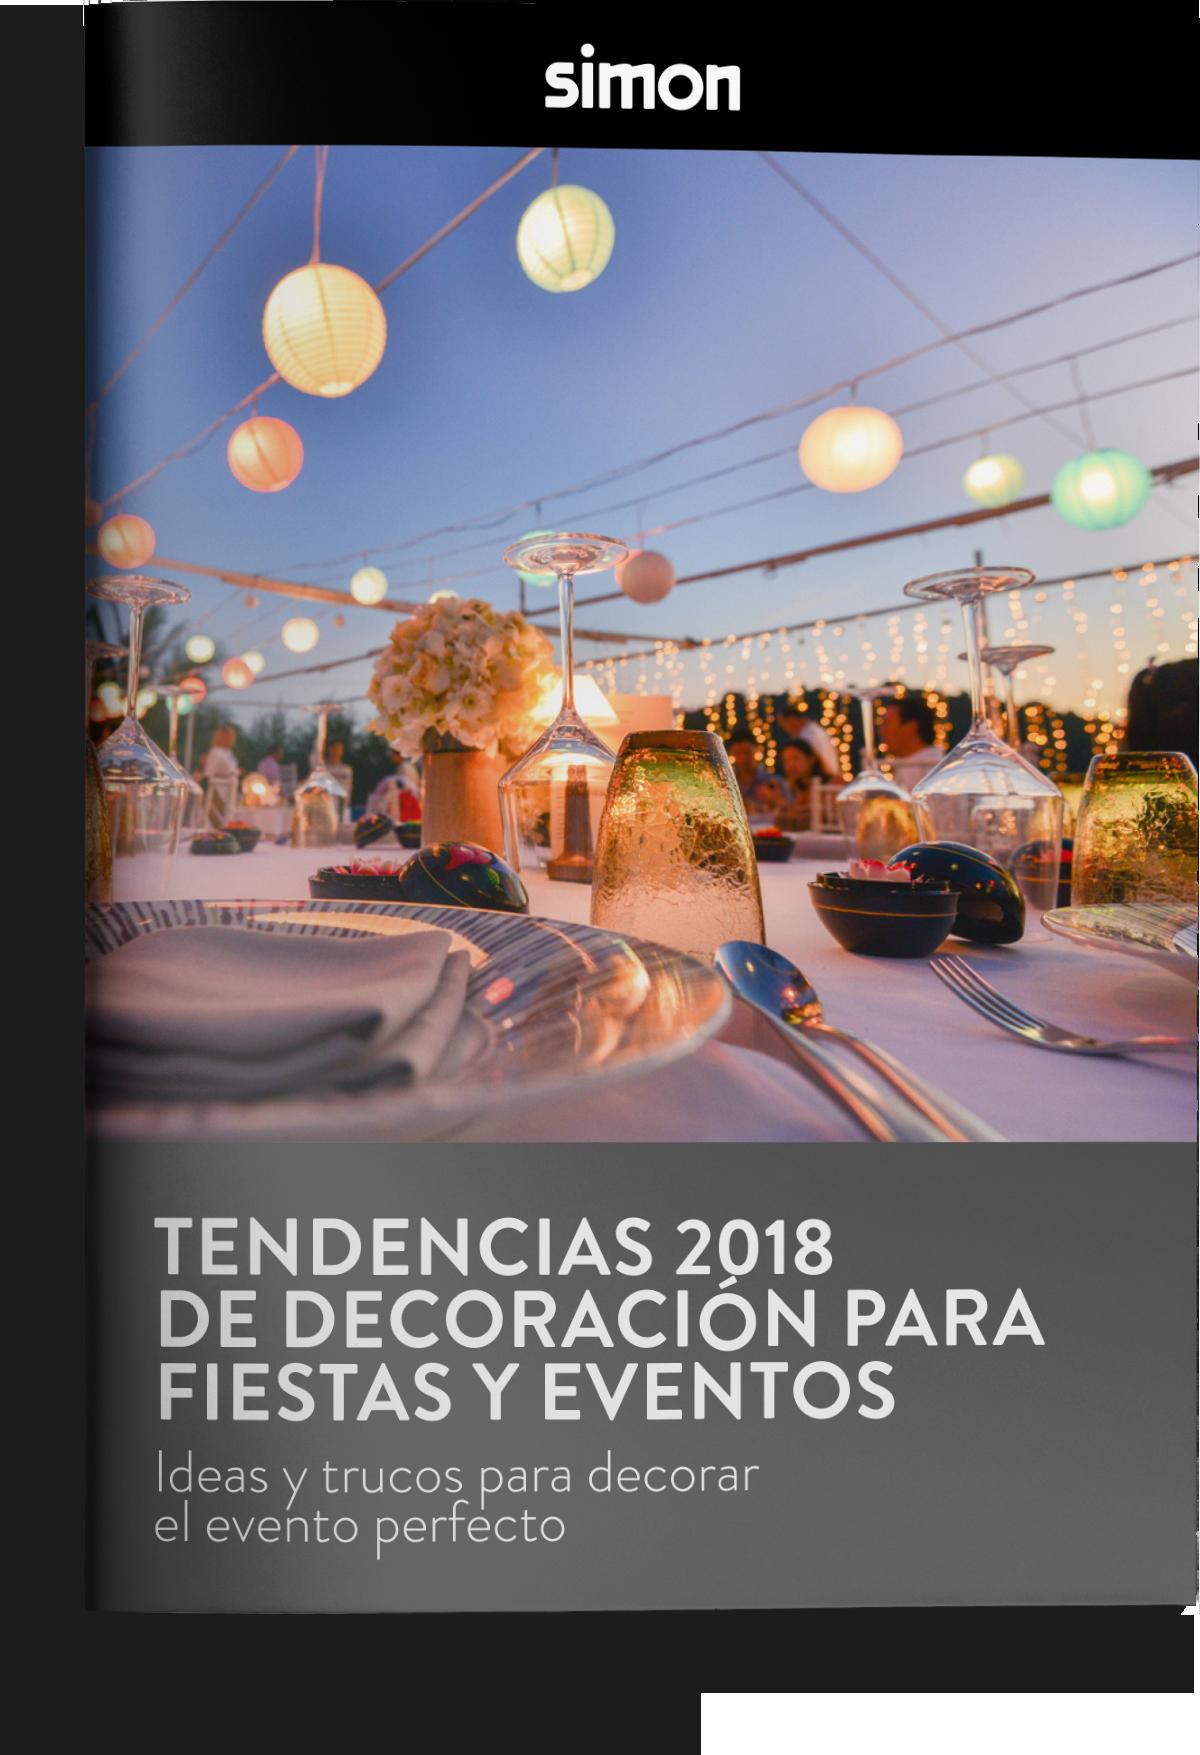 SIM_Portada_3D_Decoración_fiestas_eventos.jpg